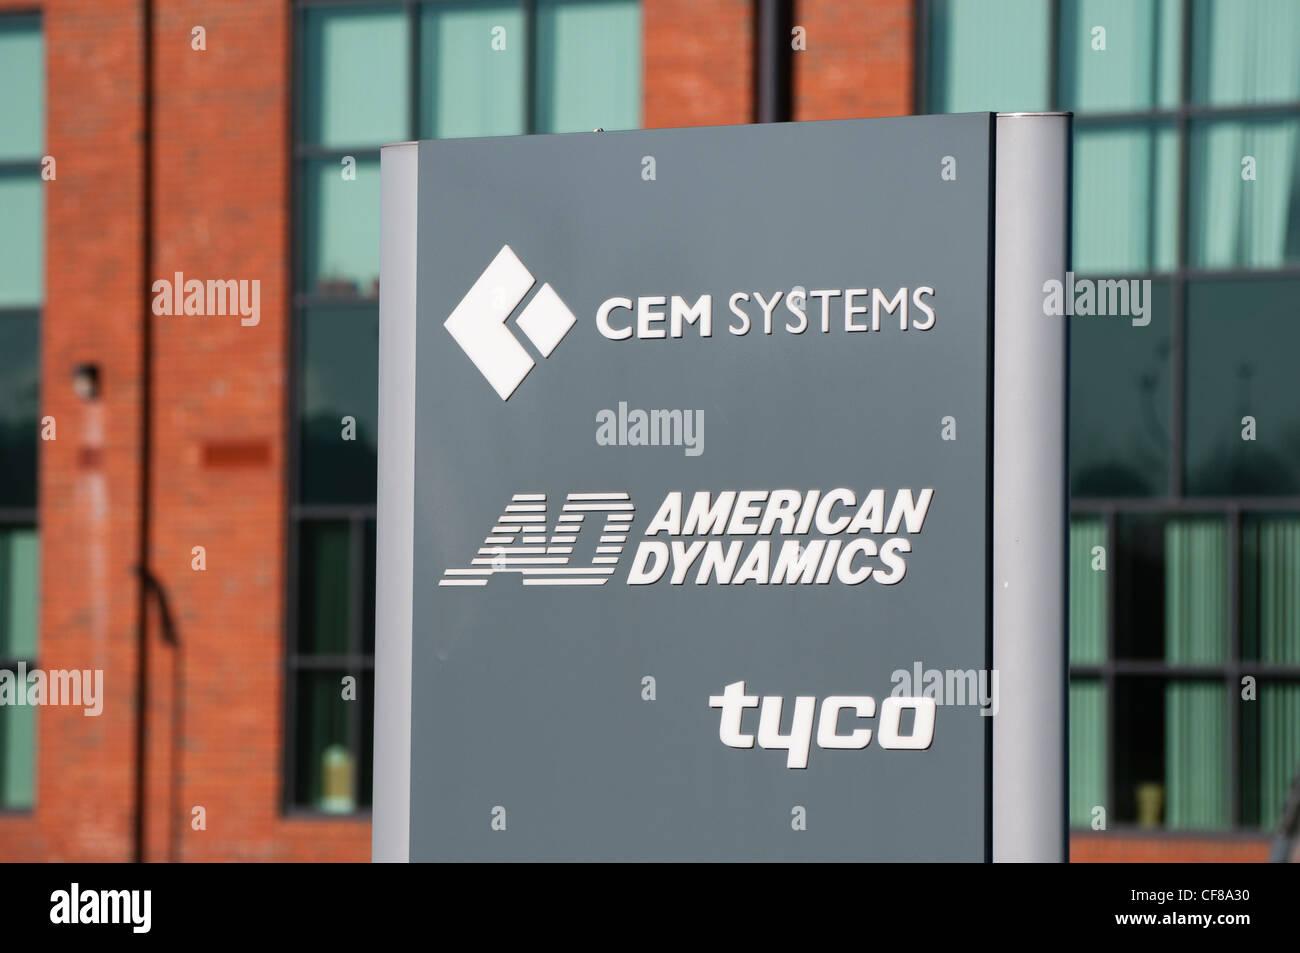 Segno per i sistemi CEM, American Dynamics e Tyco Immagini Stock